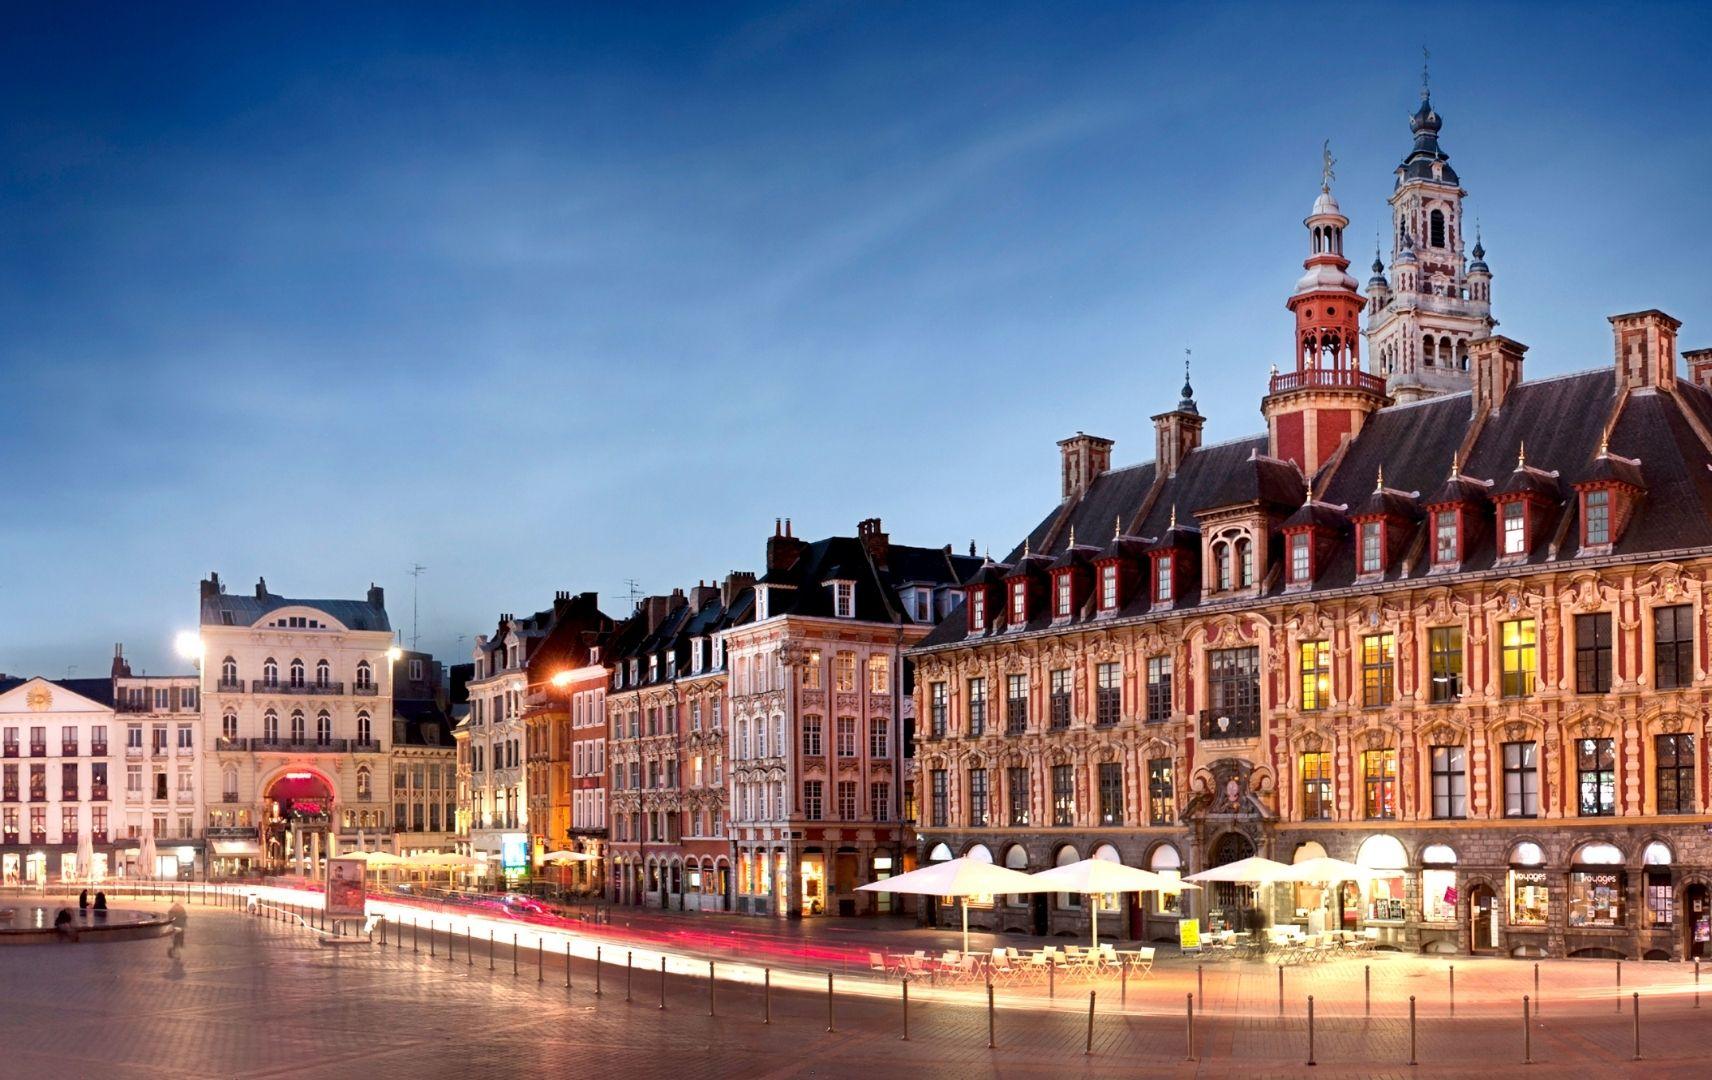 Frankreich - Lille Stadt